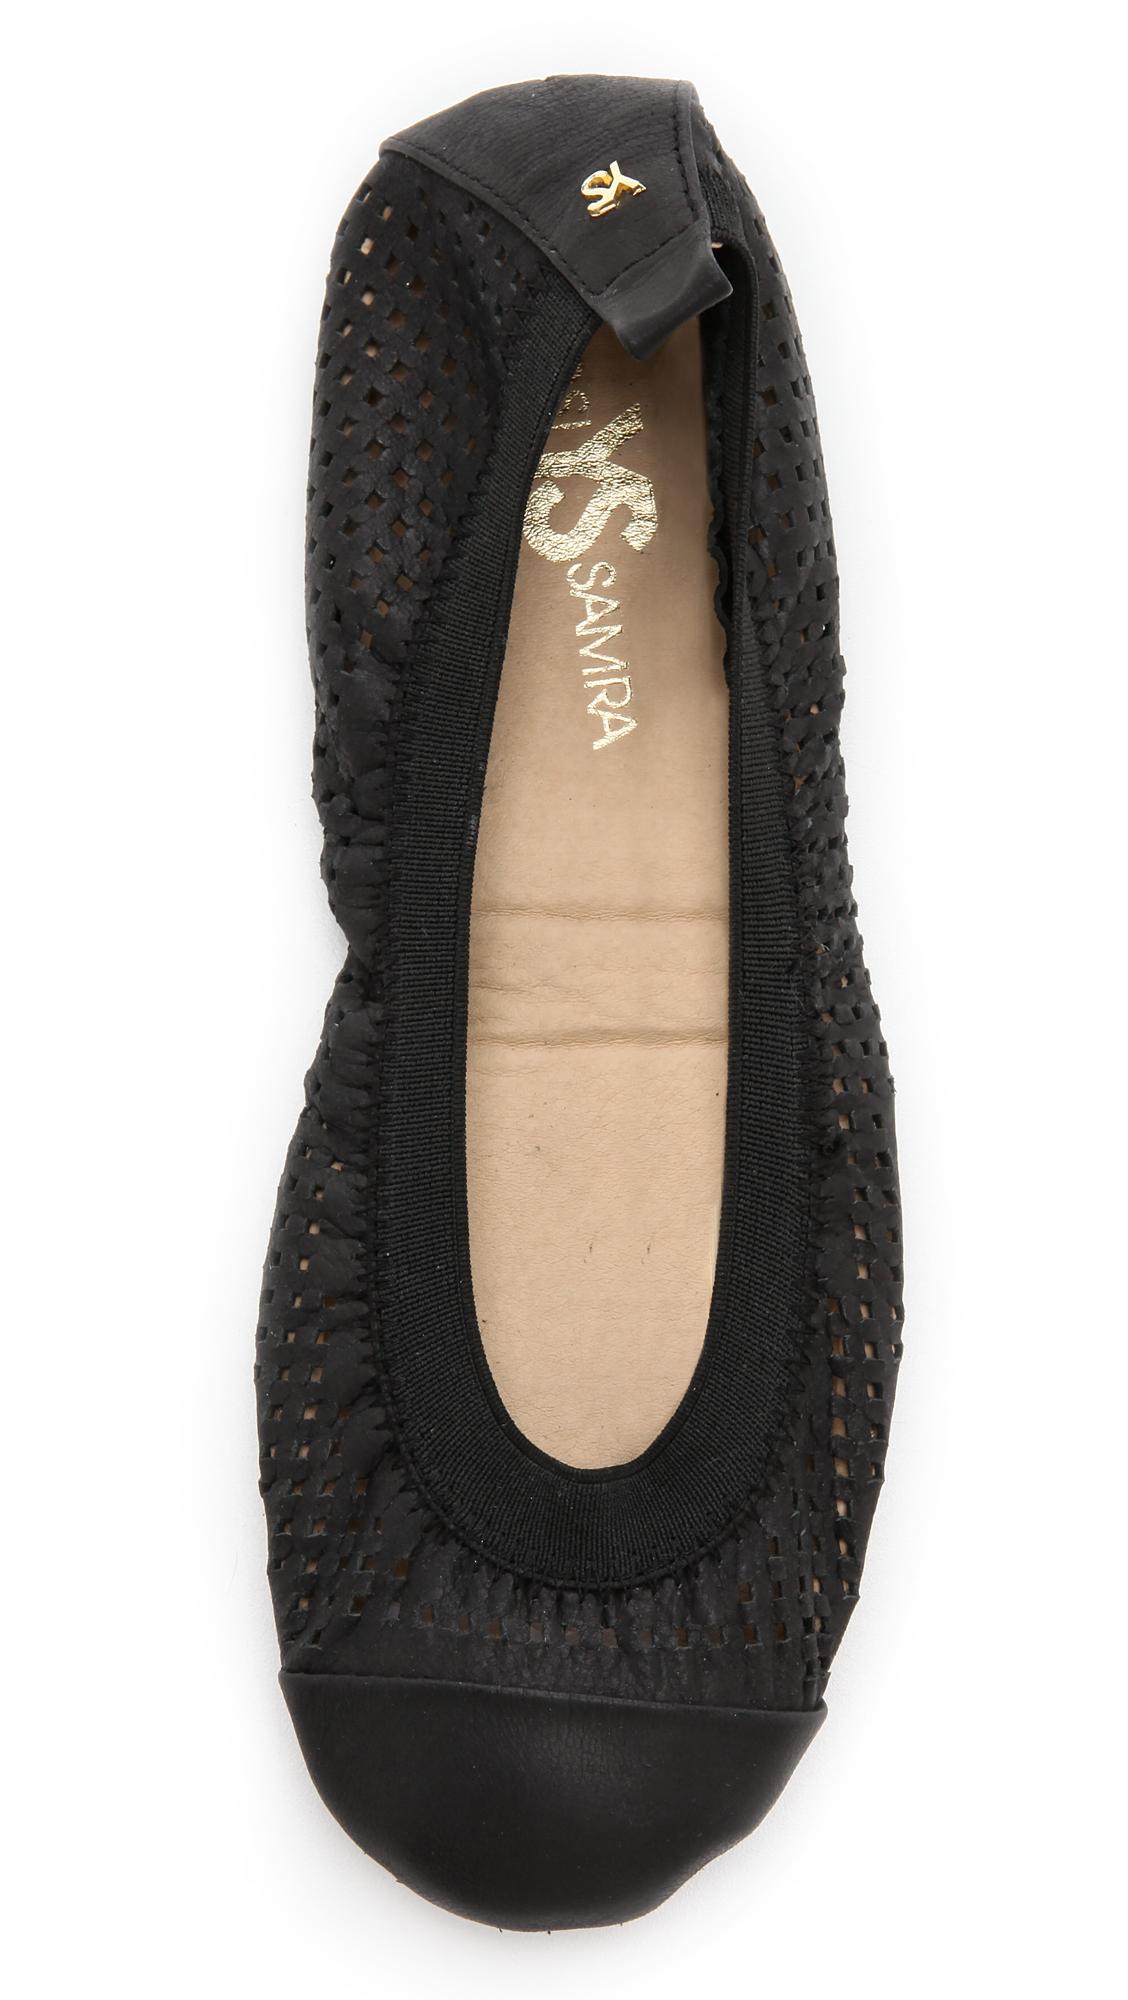 c670053016c Lyst - Yosi Samra Samantha Perforated Ballet Flats Black in Black